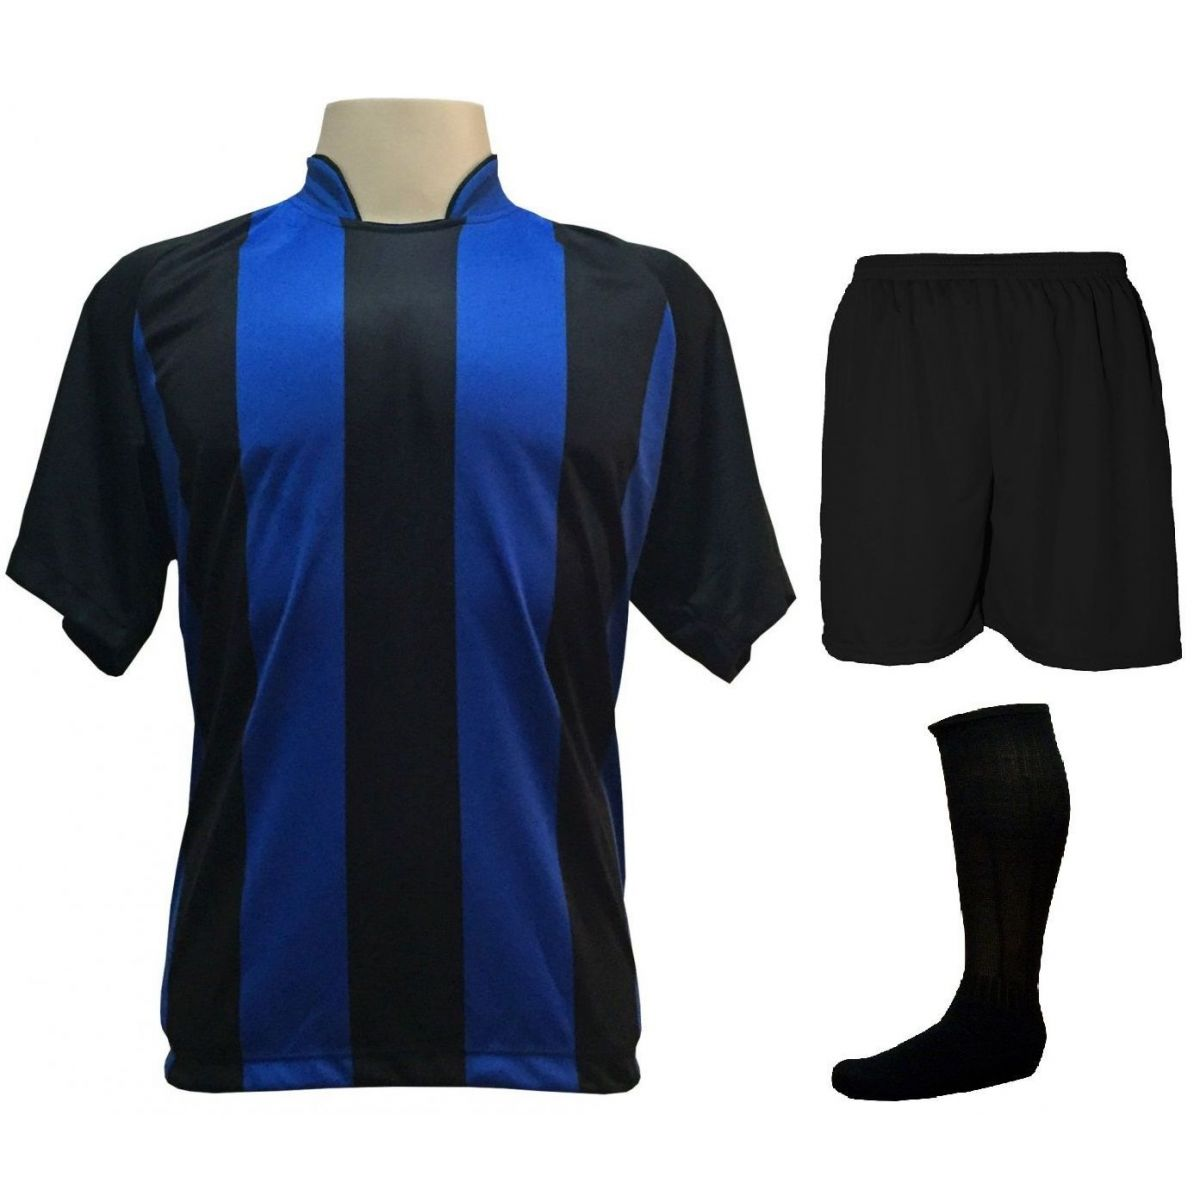 Uniforme Esportivo com 12 Camisas modelo Milan Preto/Royal + 12 Calções modelo Madrid Preto + 12 Pares de meiões Preto